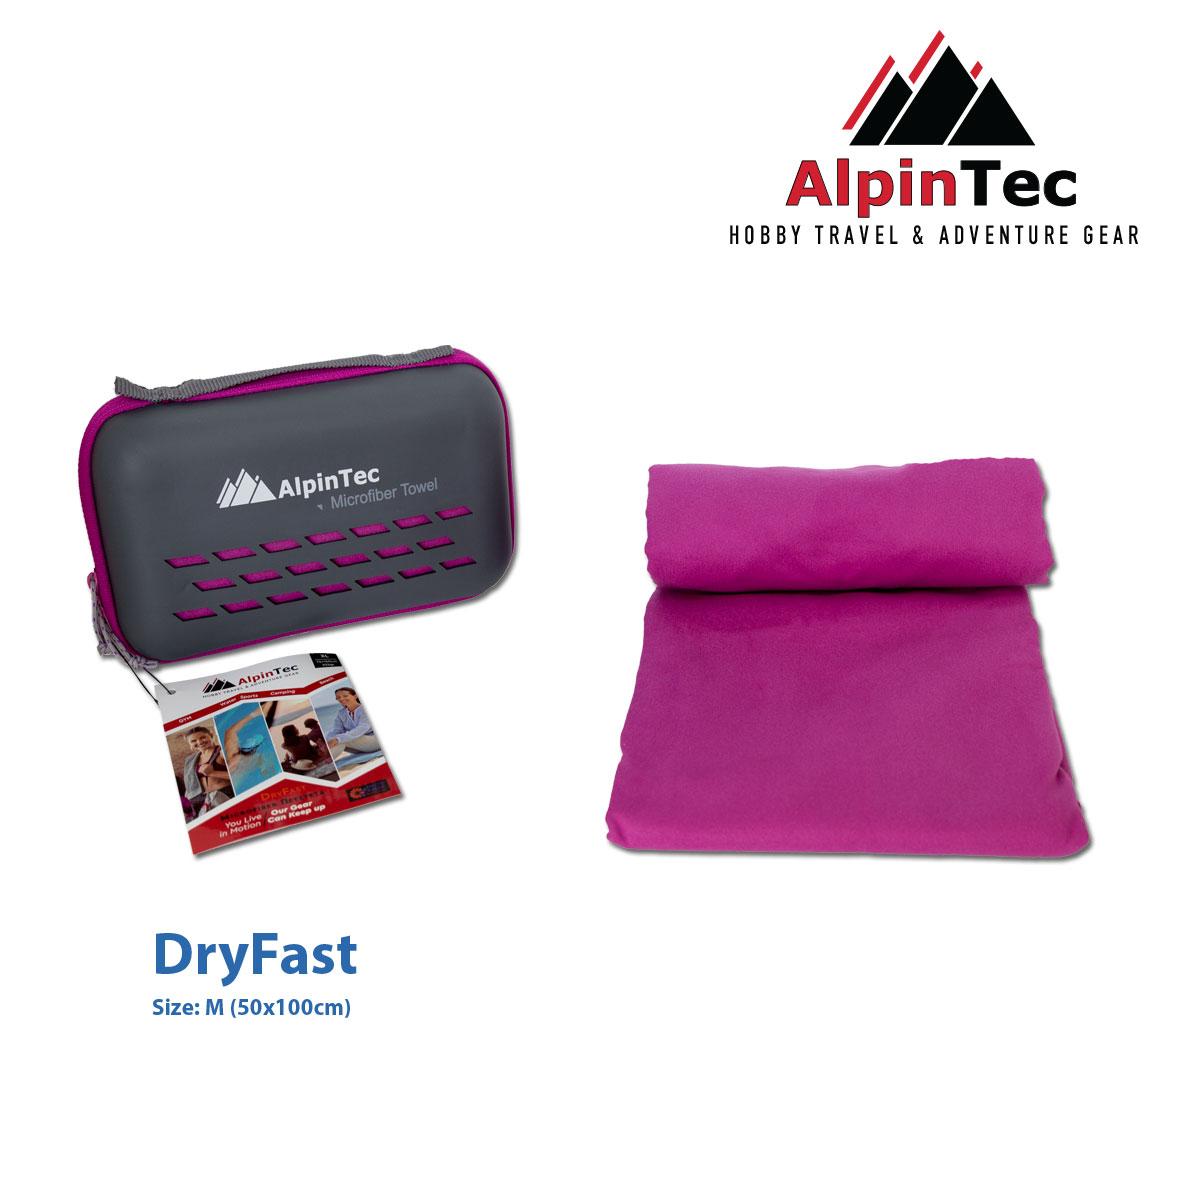 Πετσέτα Alpintec Dryfast M 50x100 Purple